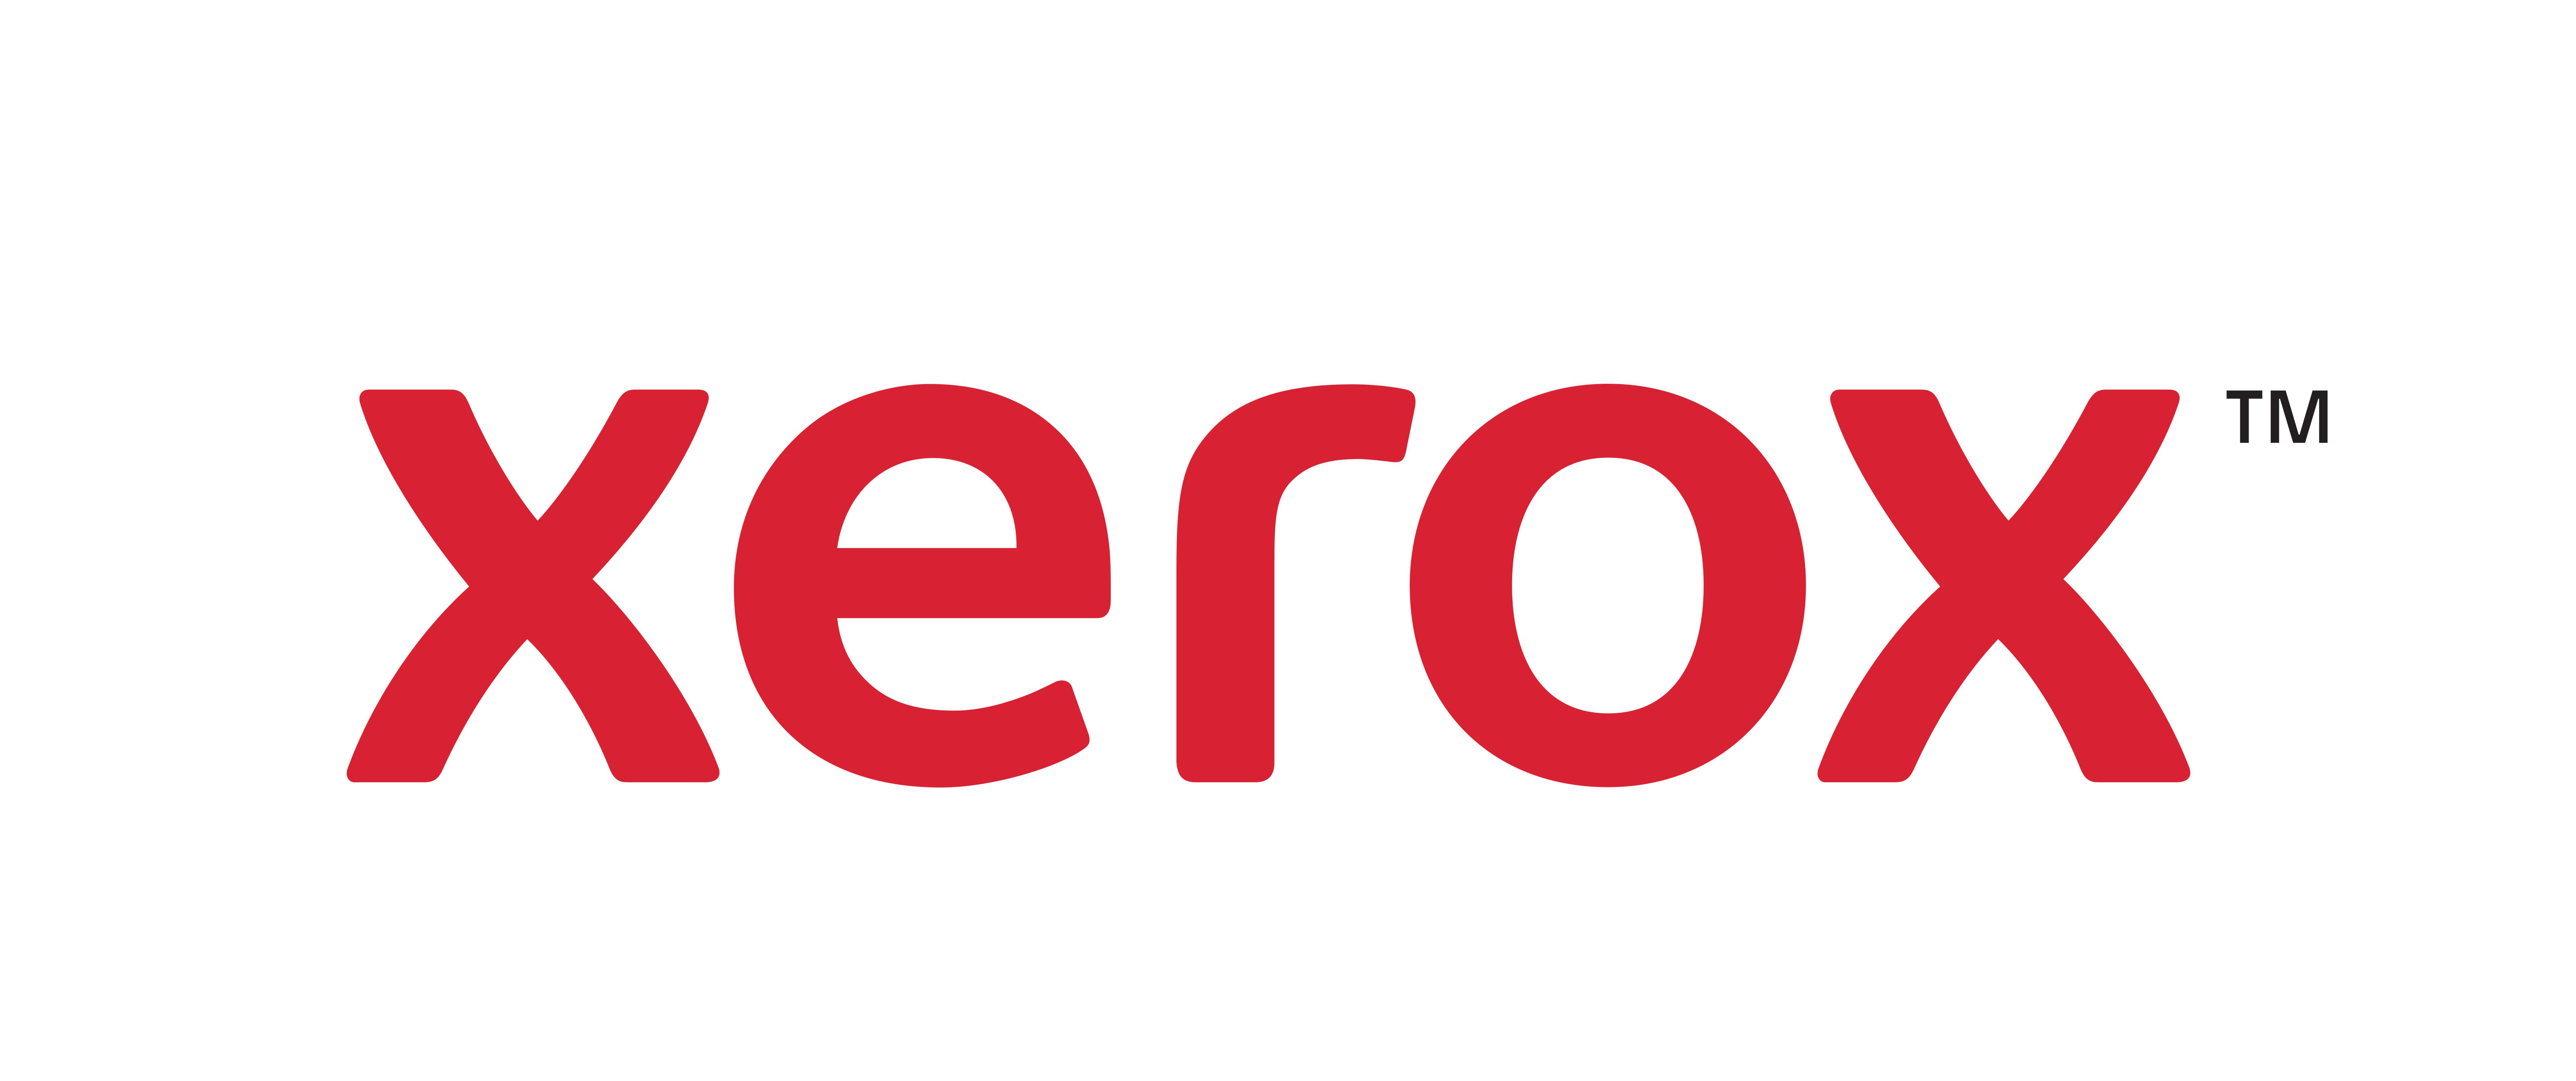 xexor_logo